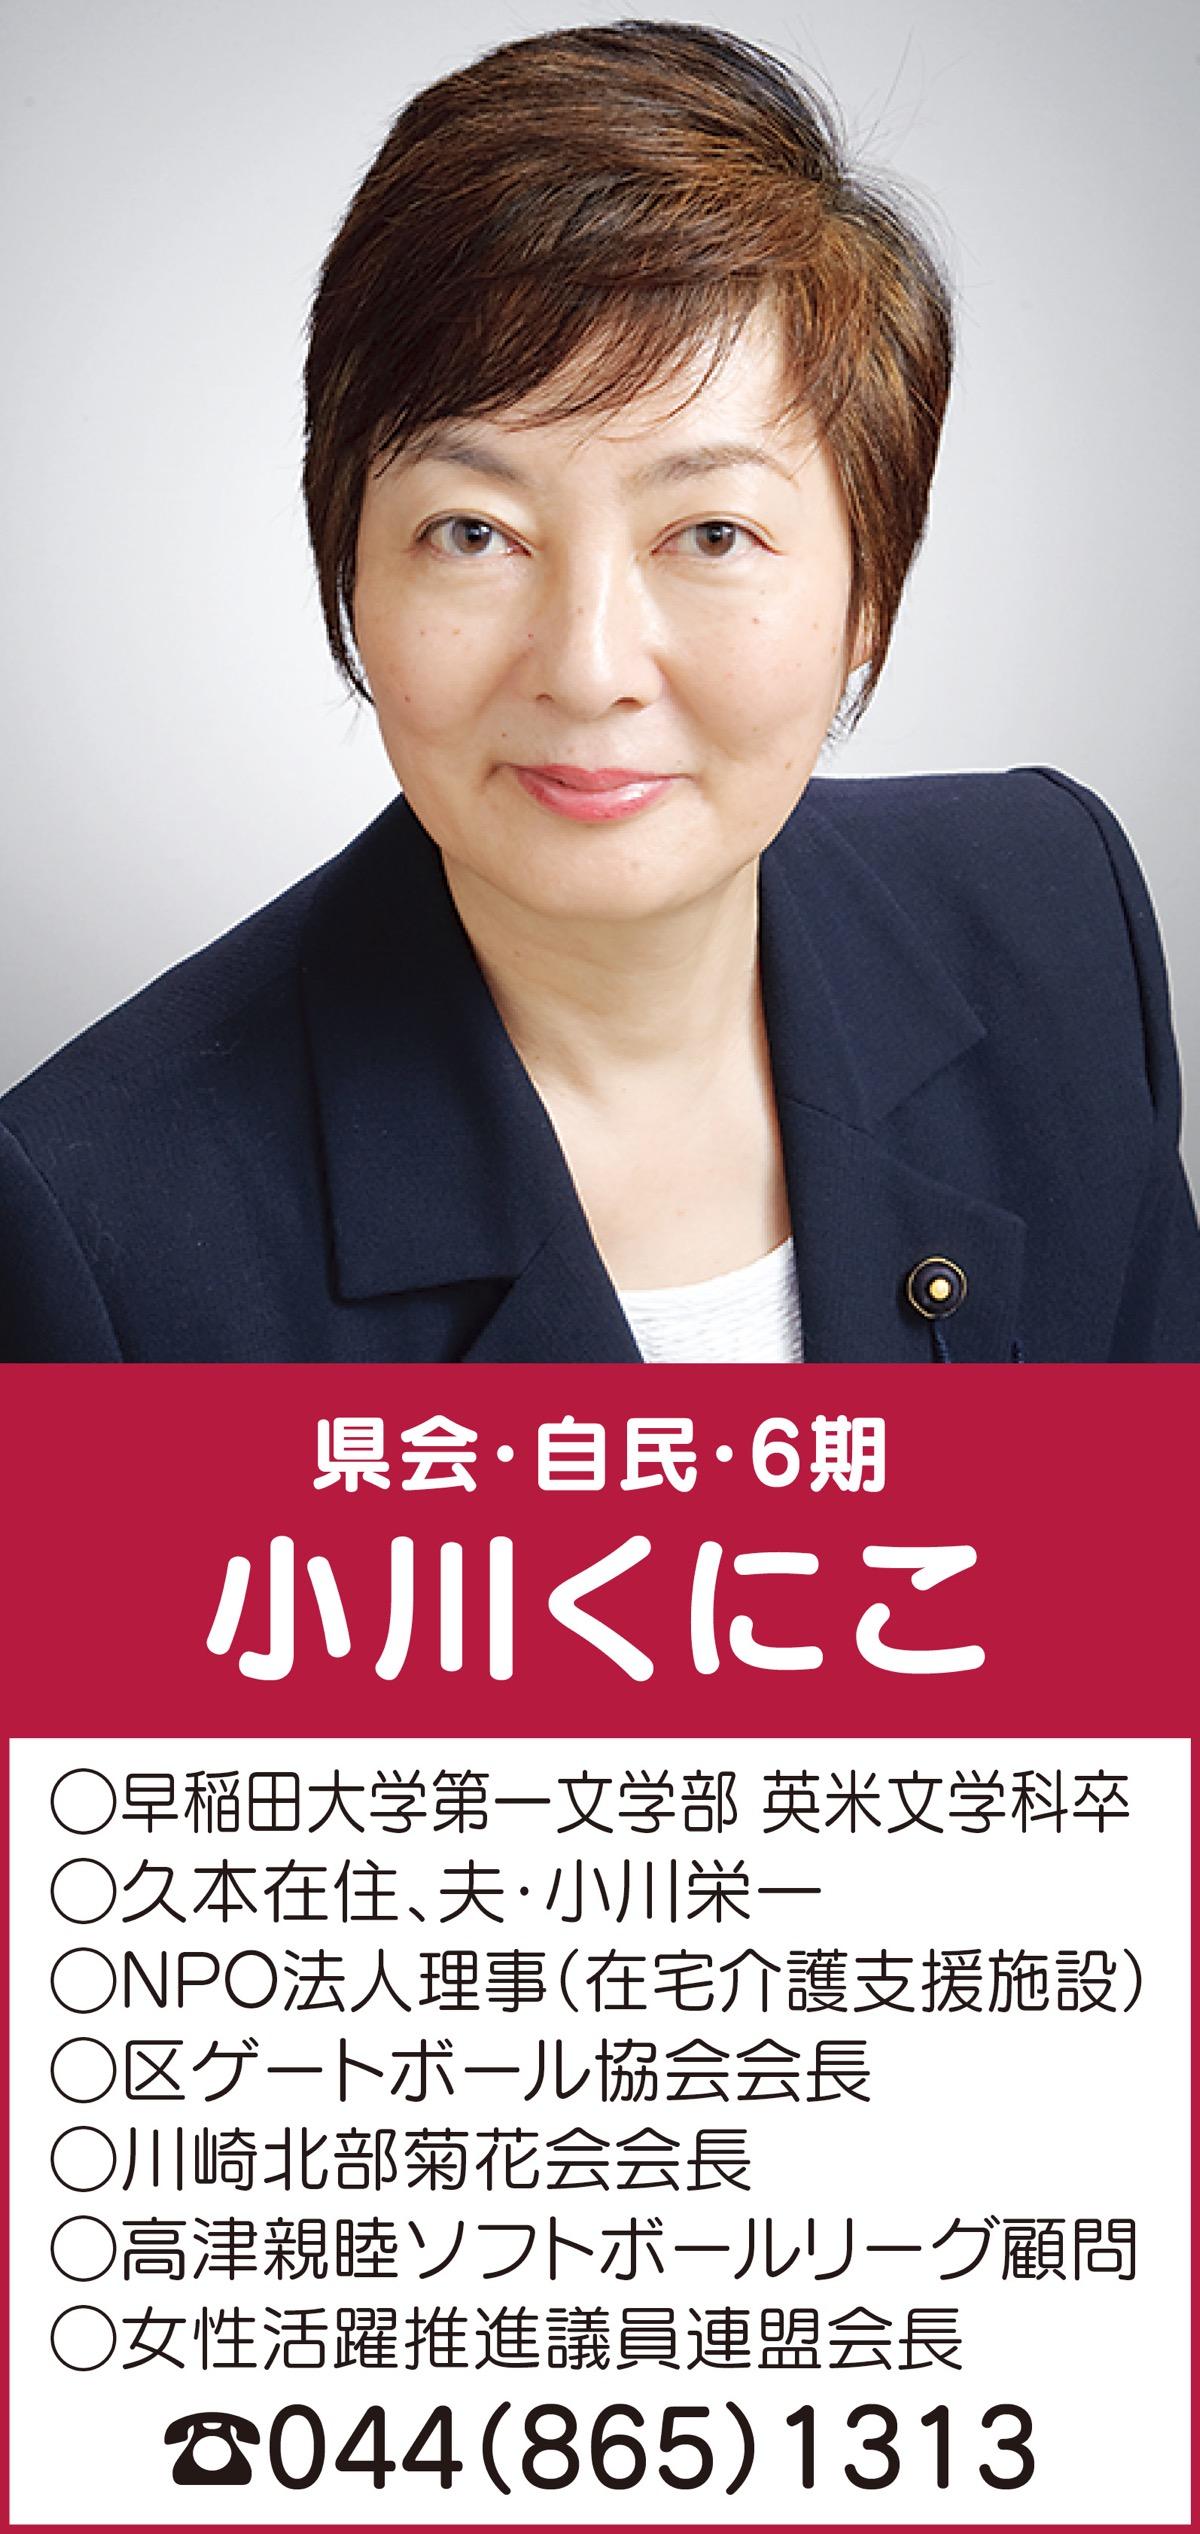 小川 きらら 大学